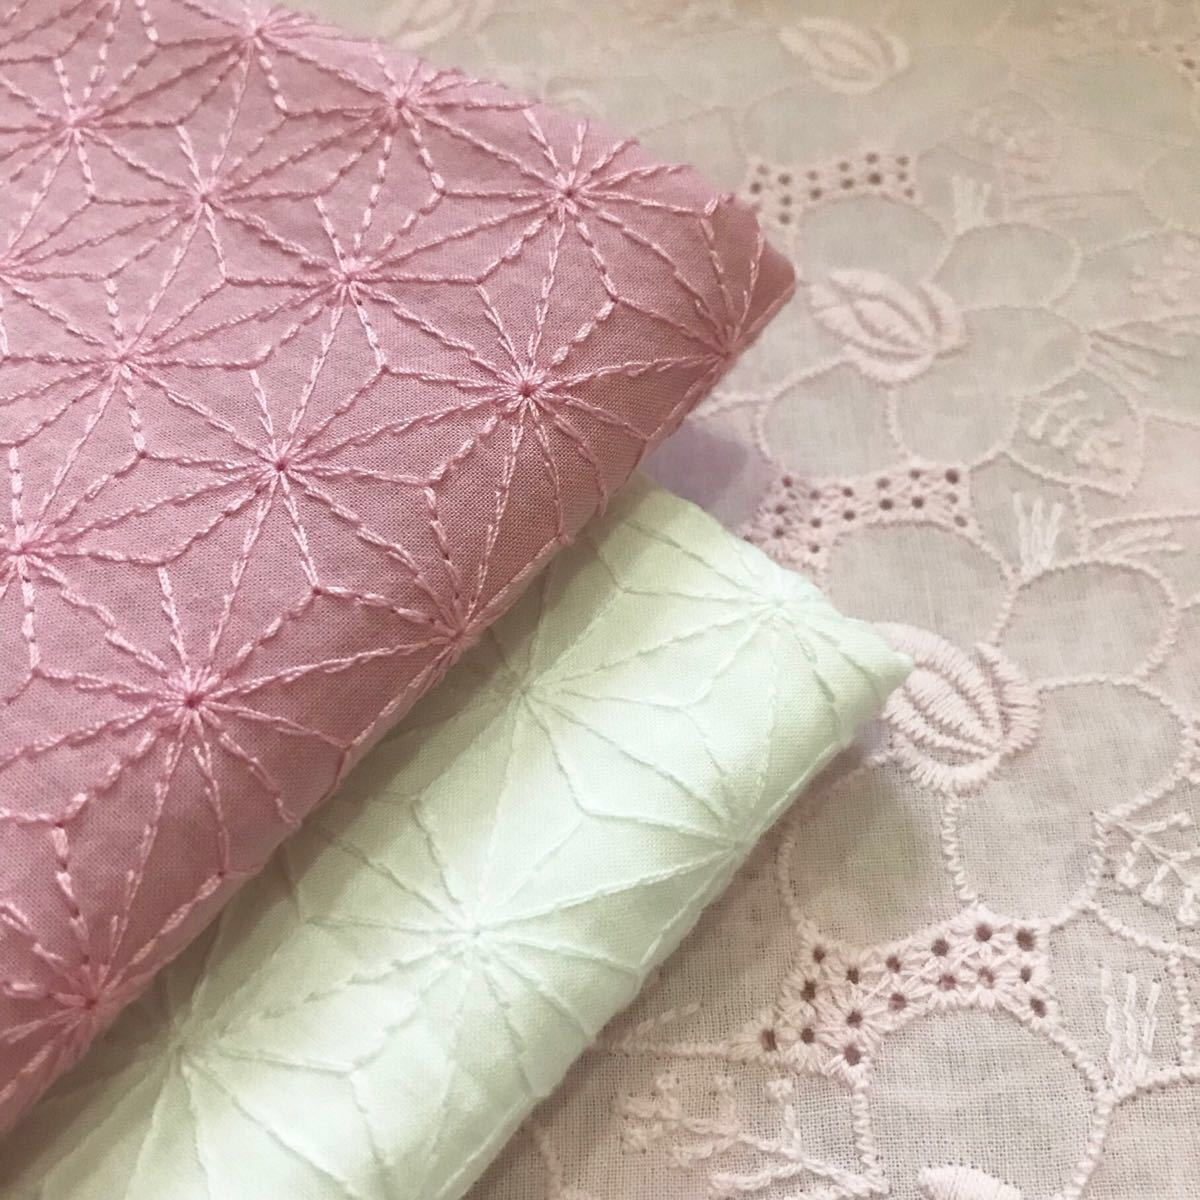 コットンレース 綿 刺繍生地 はぎれ 麻の葉 鬼滅の刃 ハンドメイド ハギレ